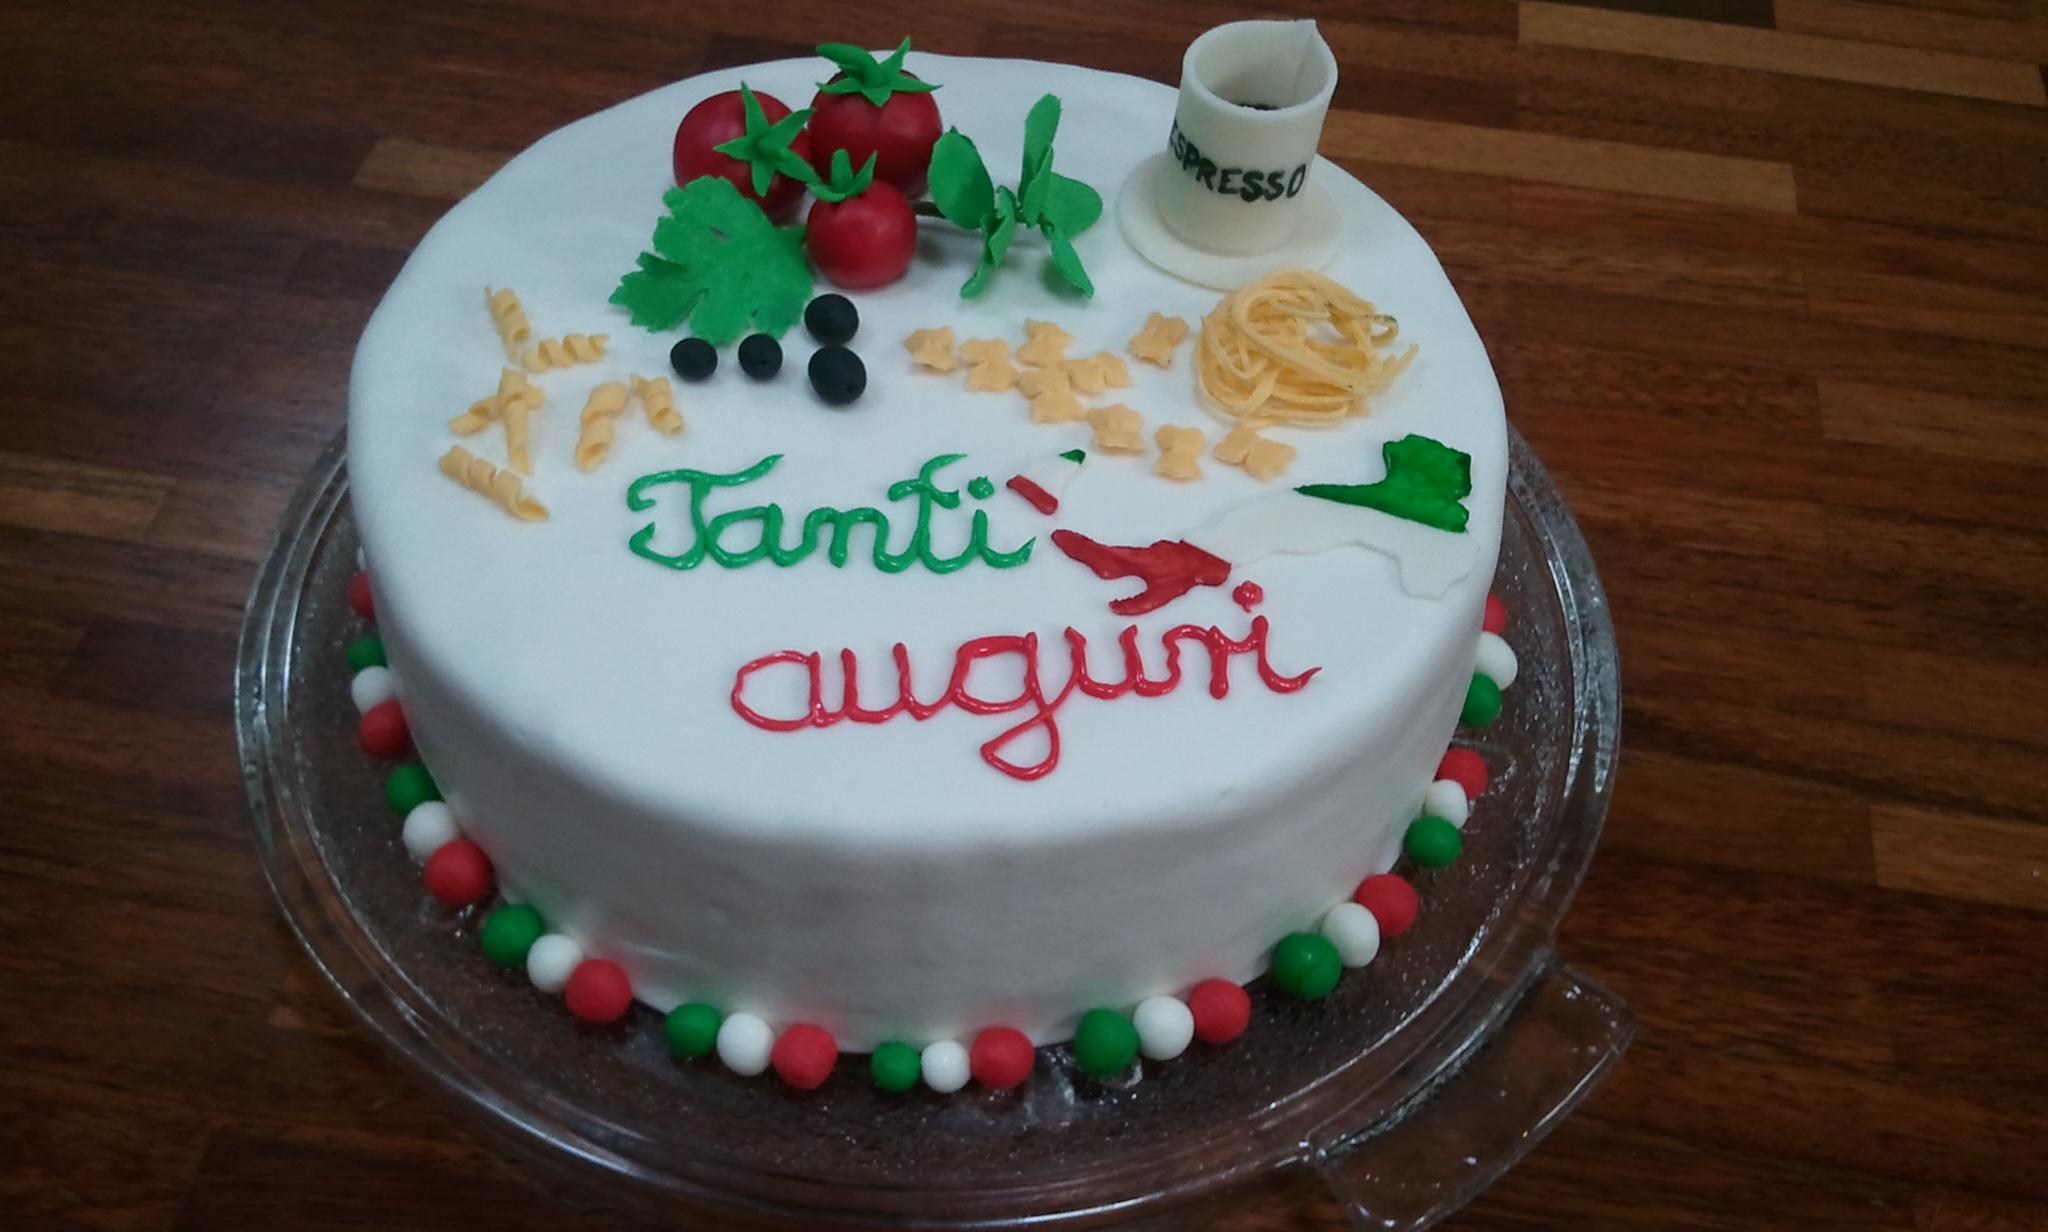 Geburtstagsspr che italienisch geburtstagsspr che von herzen - Gute besserung italienisch ...